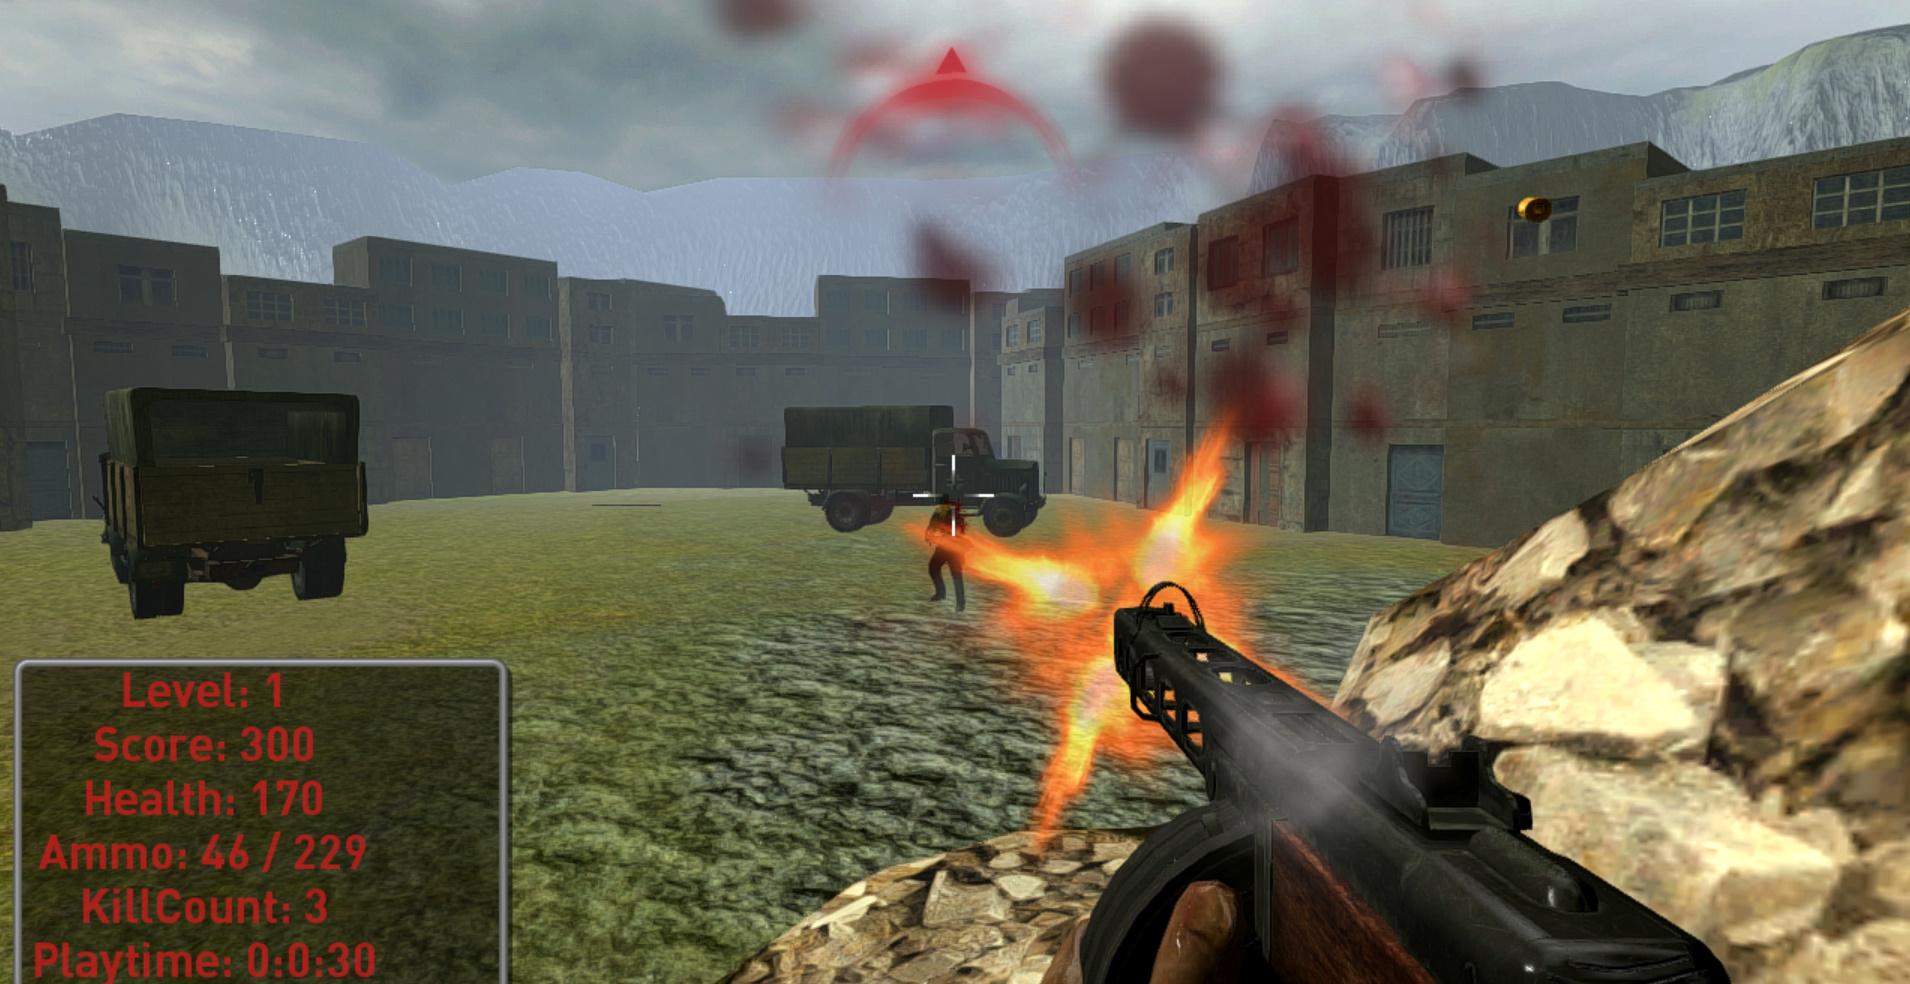 com.steam.878170-screenshot